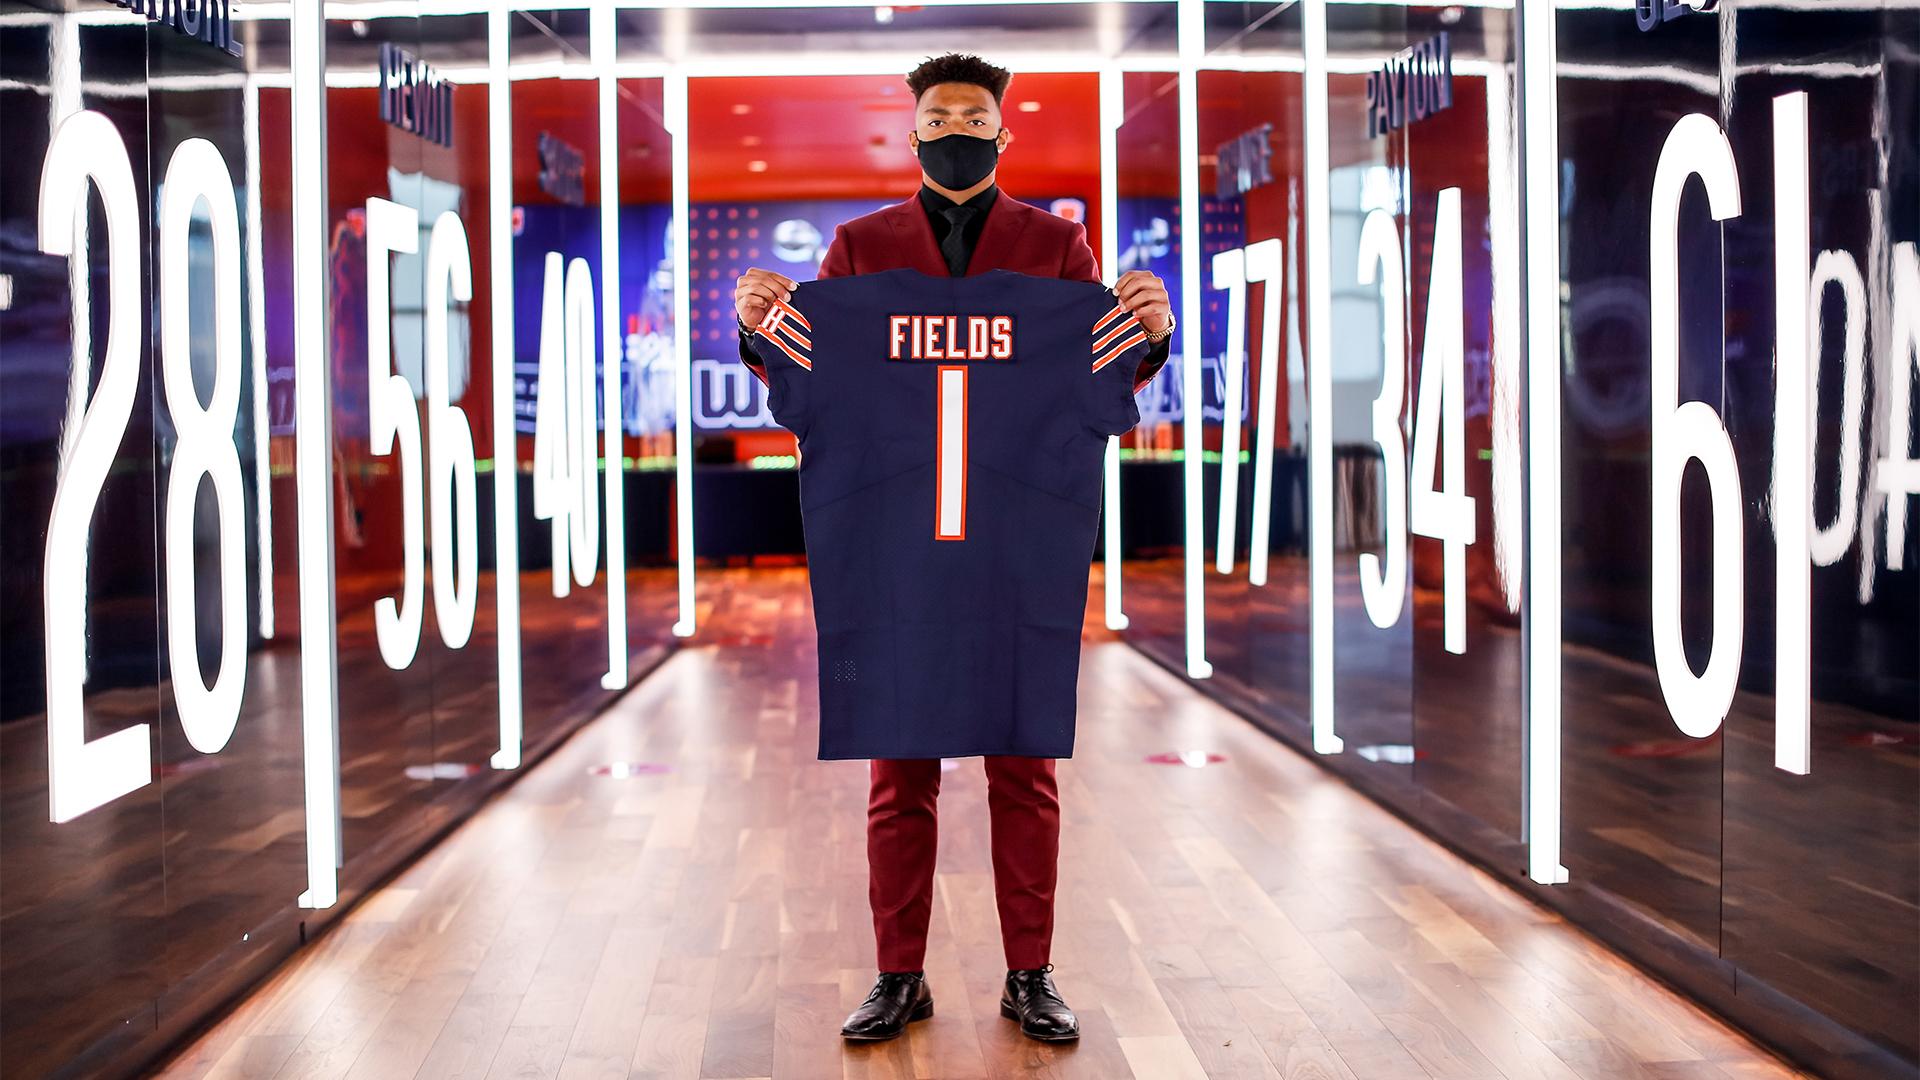 Justin-Fields-Ohio-State-Buckeyes-Football